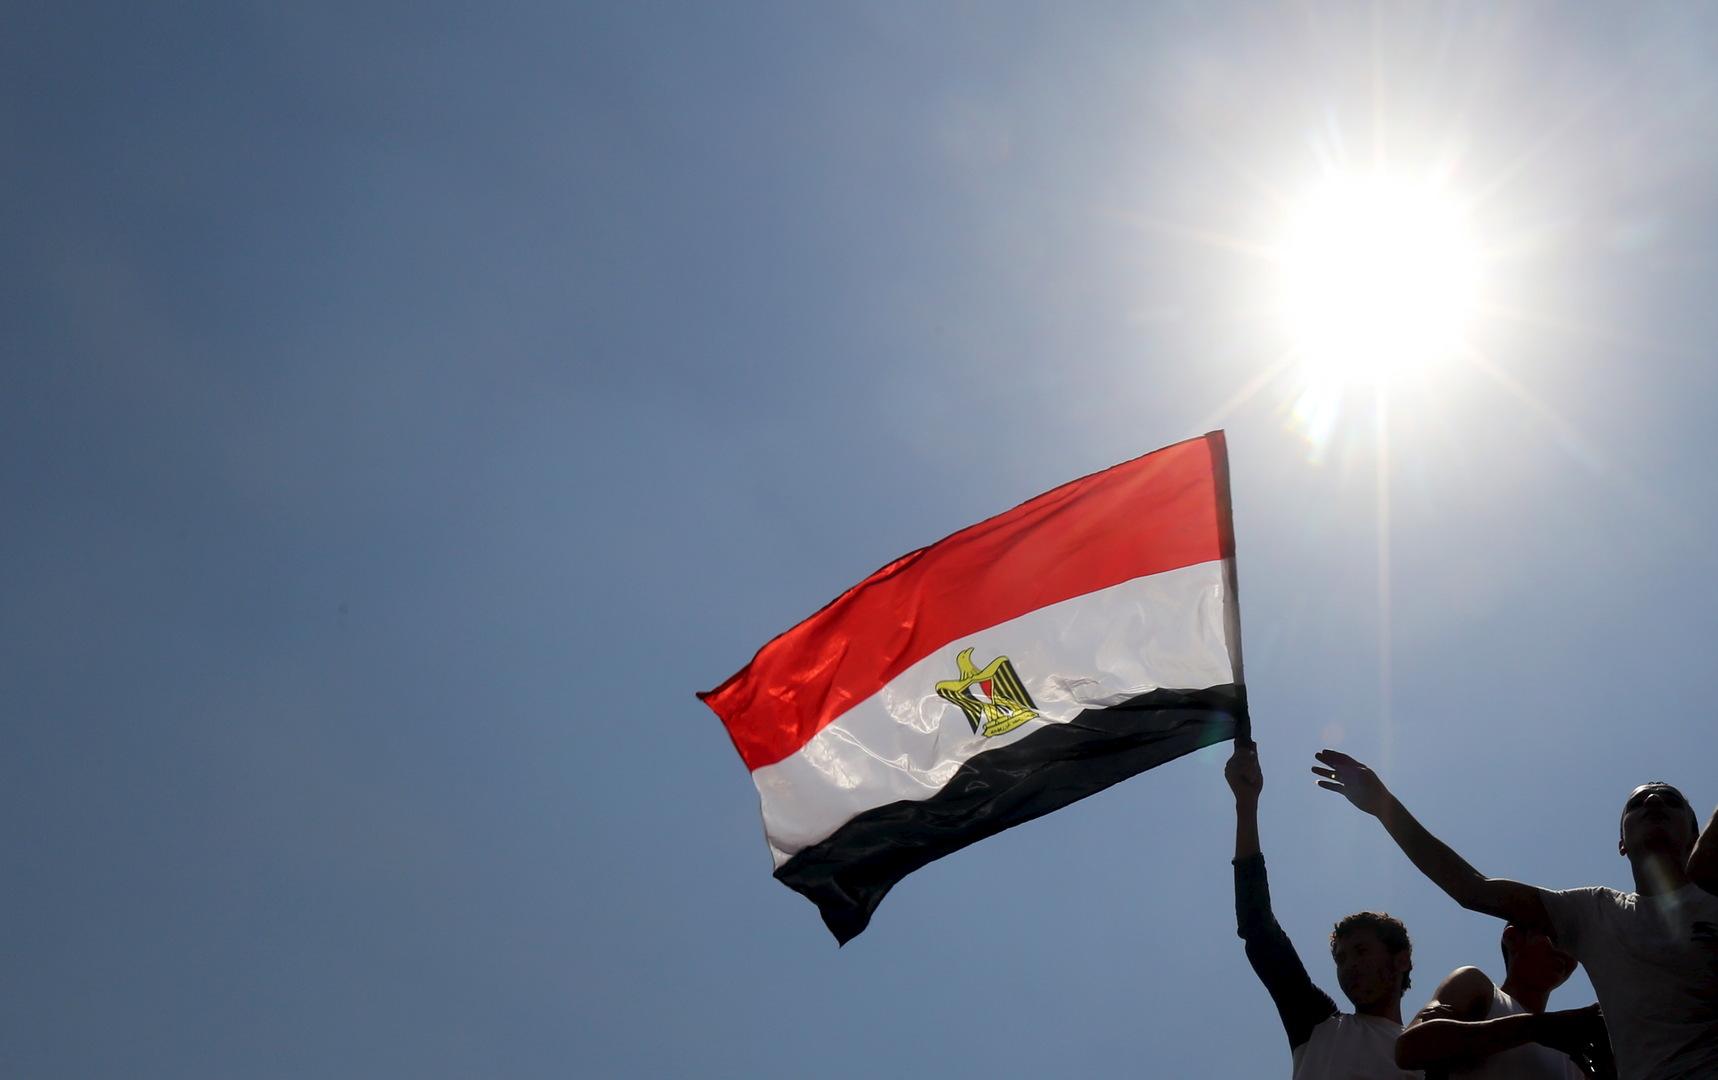 الحكومة المصرية تدرس تحويل الدعم العيني إلى نقدي مشروط